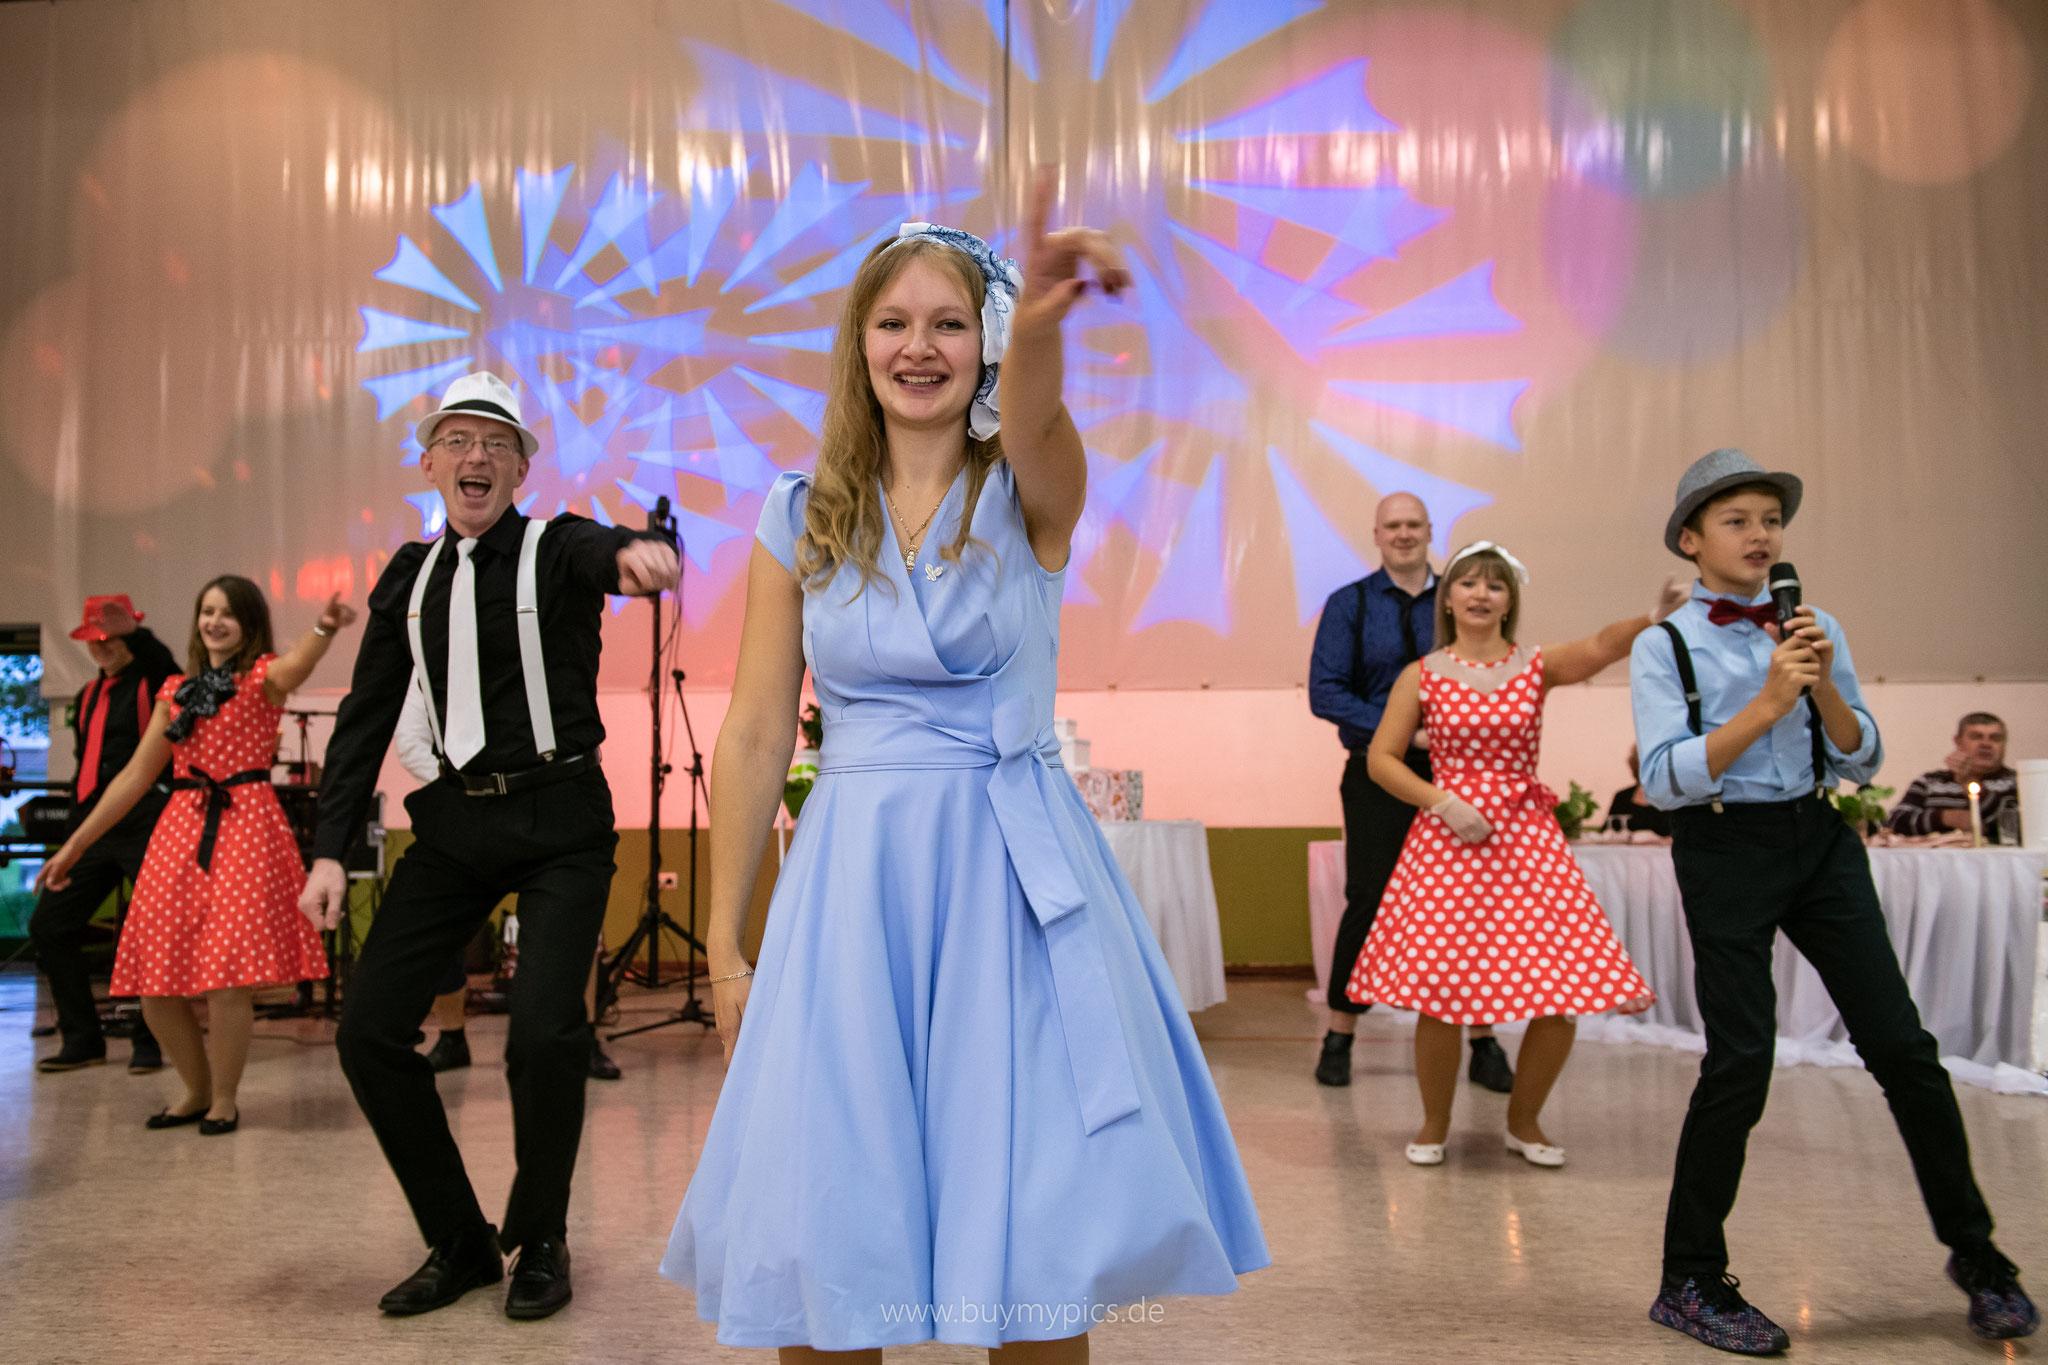 Professioneller Fotograf und Videograf für russisches Jubiläum in Greifenstein